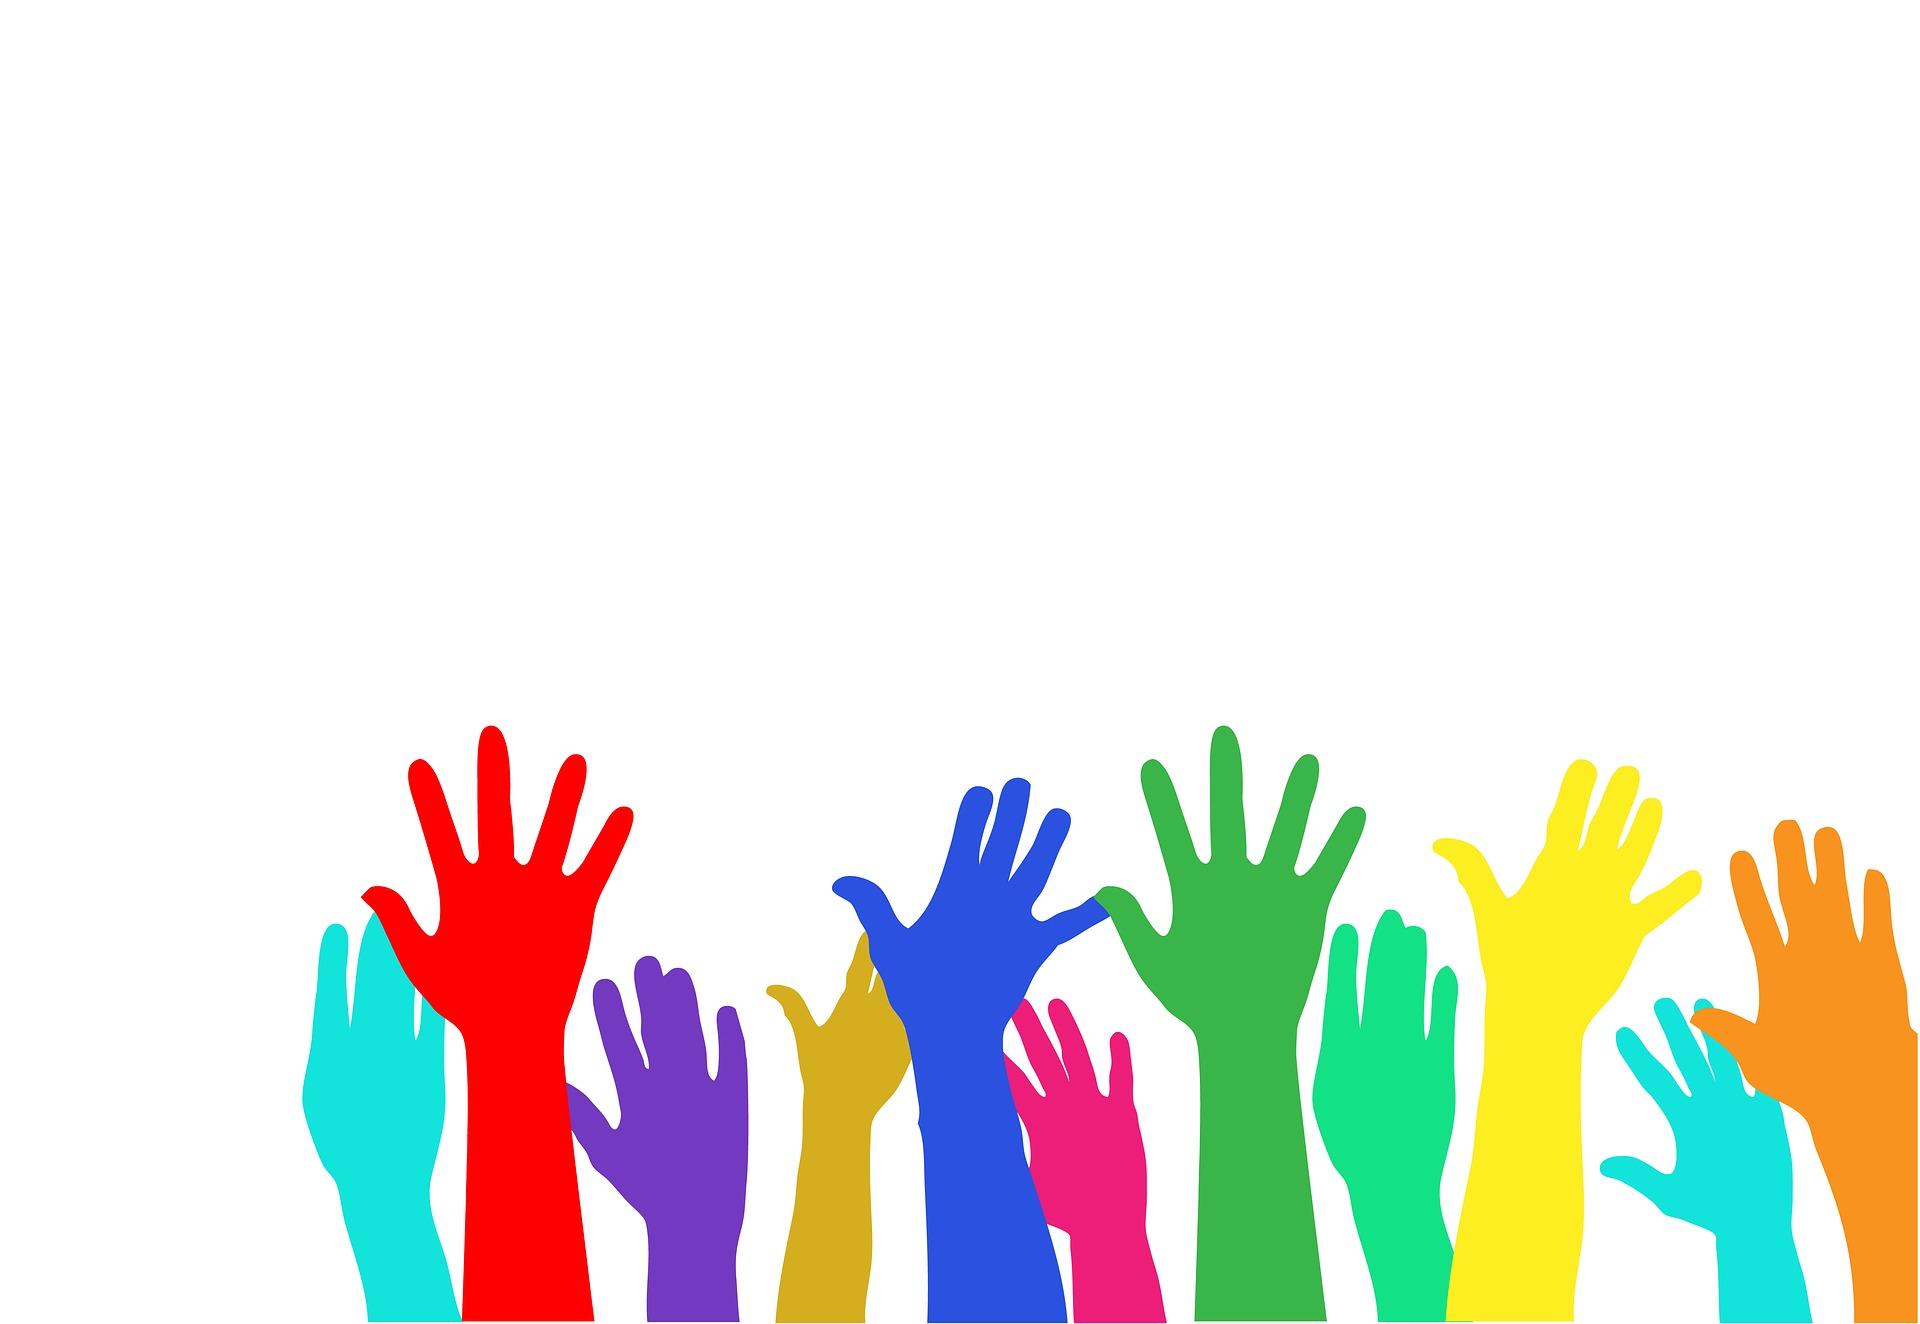 Manos de diferentes colores que representan la participación de todos en una democracia.